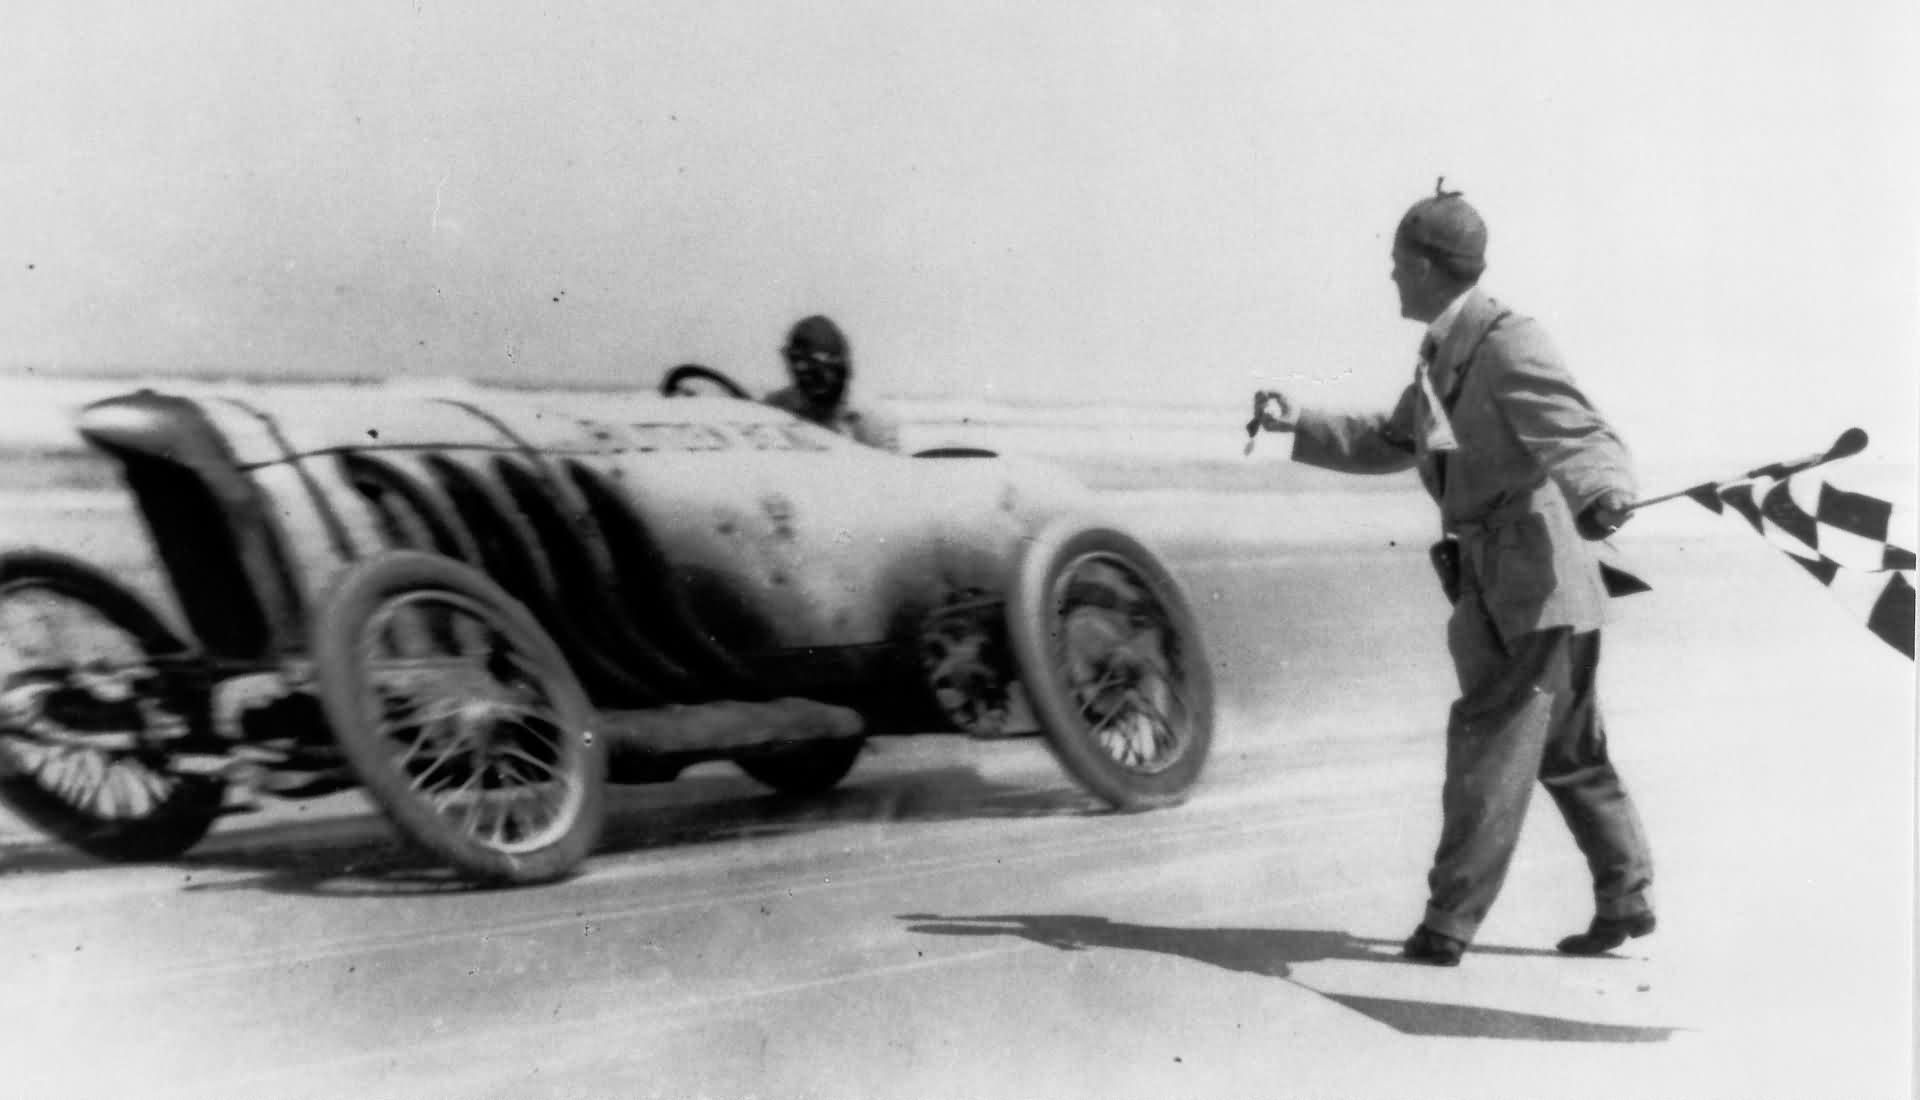 Blitzen-Benz Rekordfahrt Daytona Beach